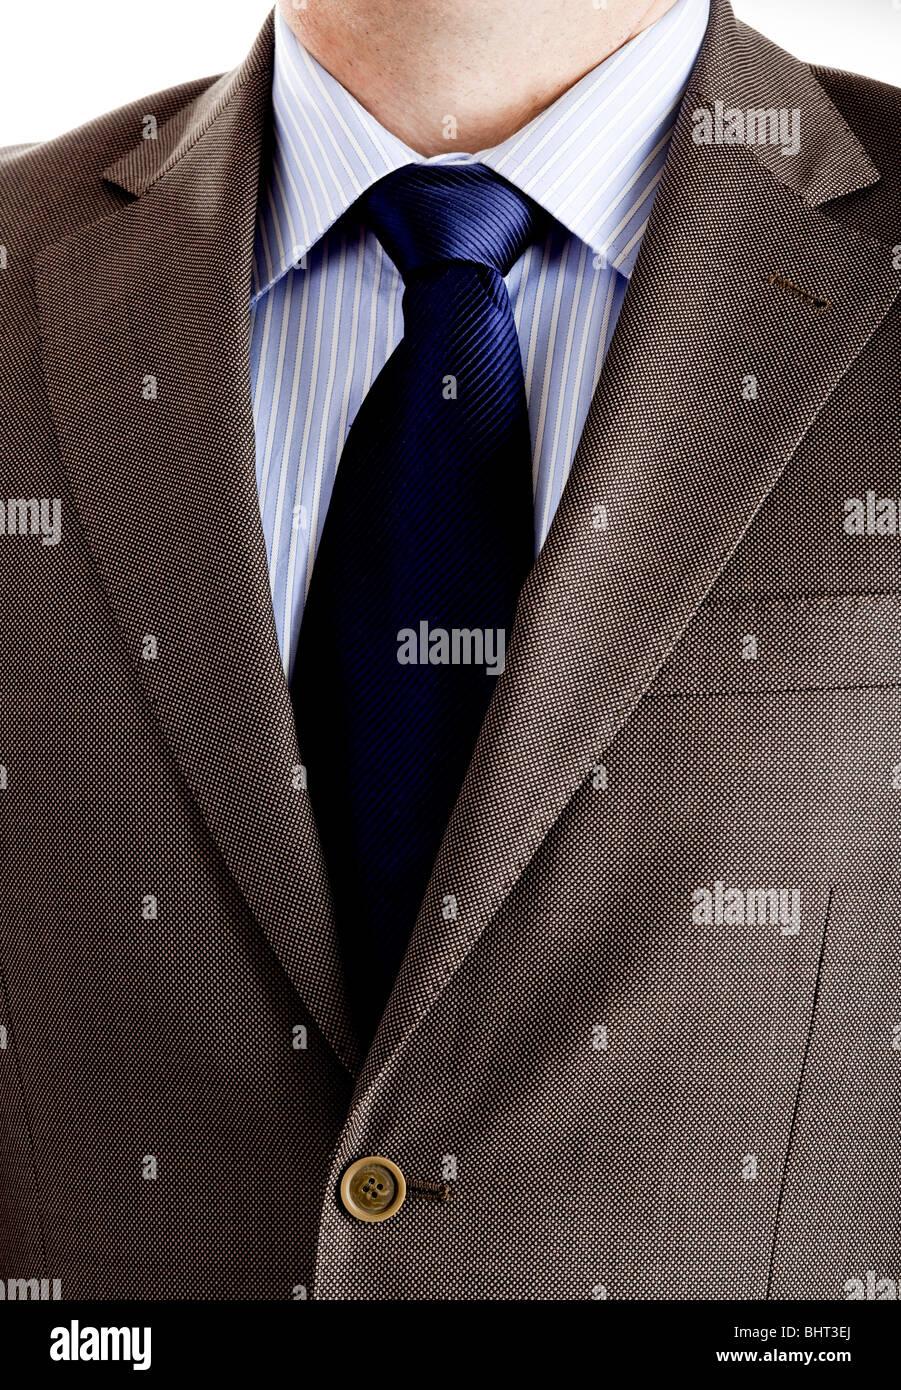 Ritratto di close-up di un business suit con collo cravatta Immagini Stock